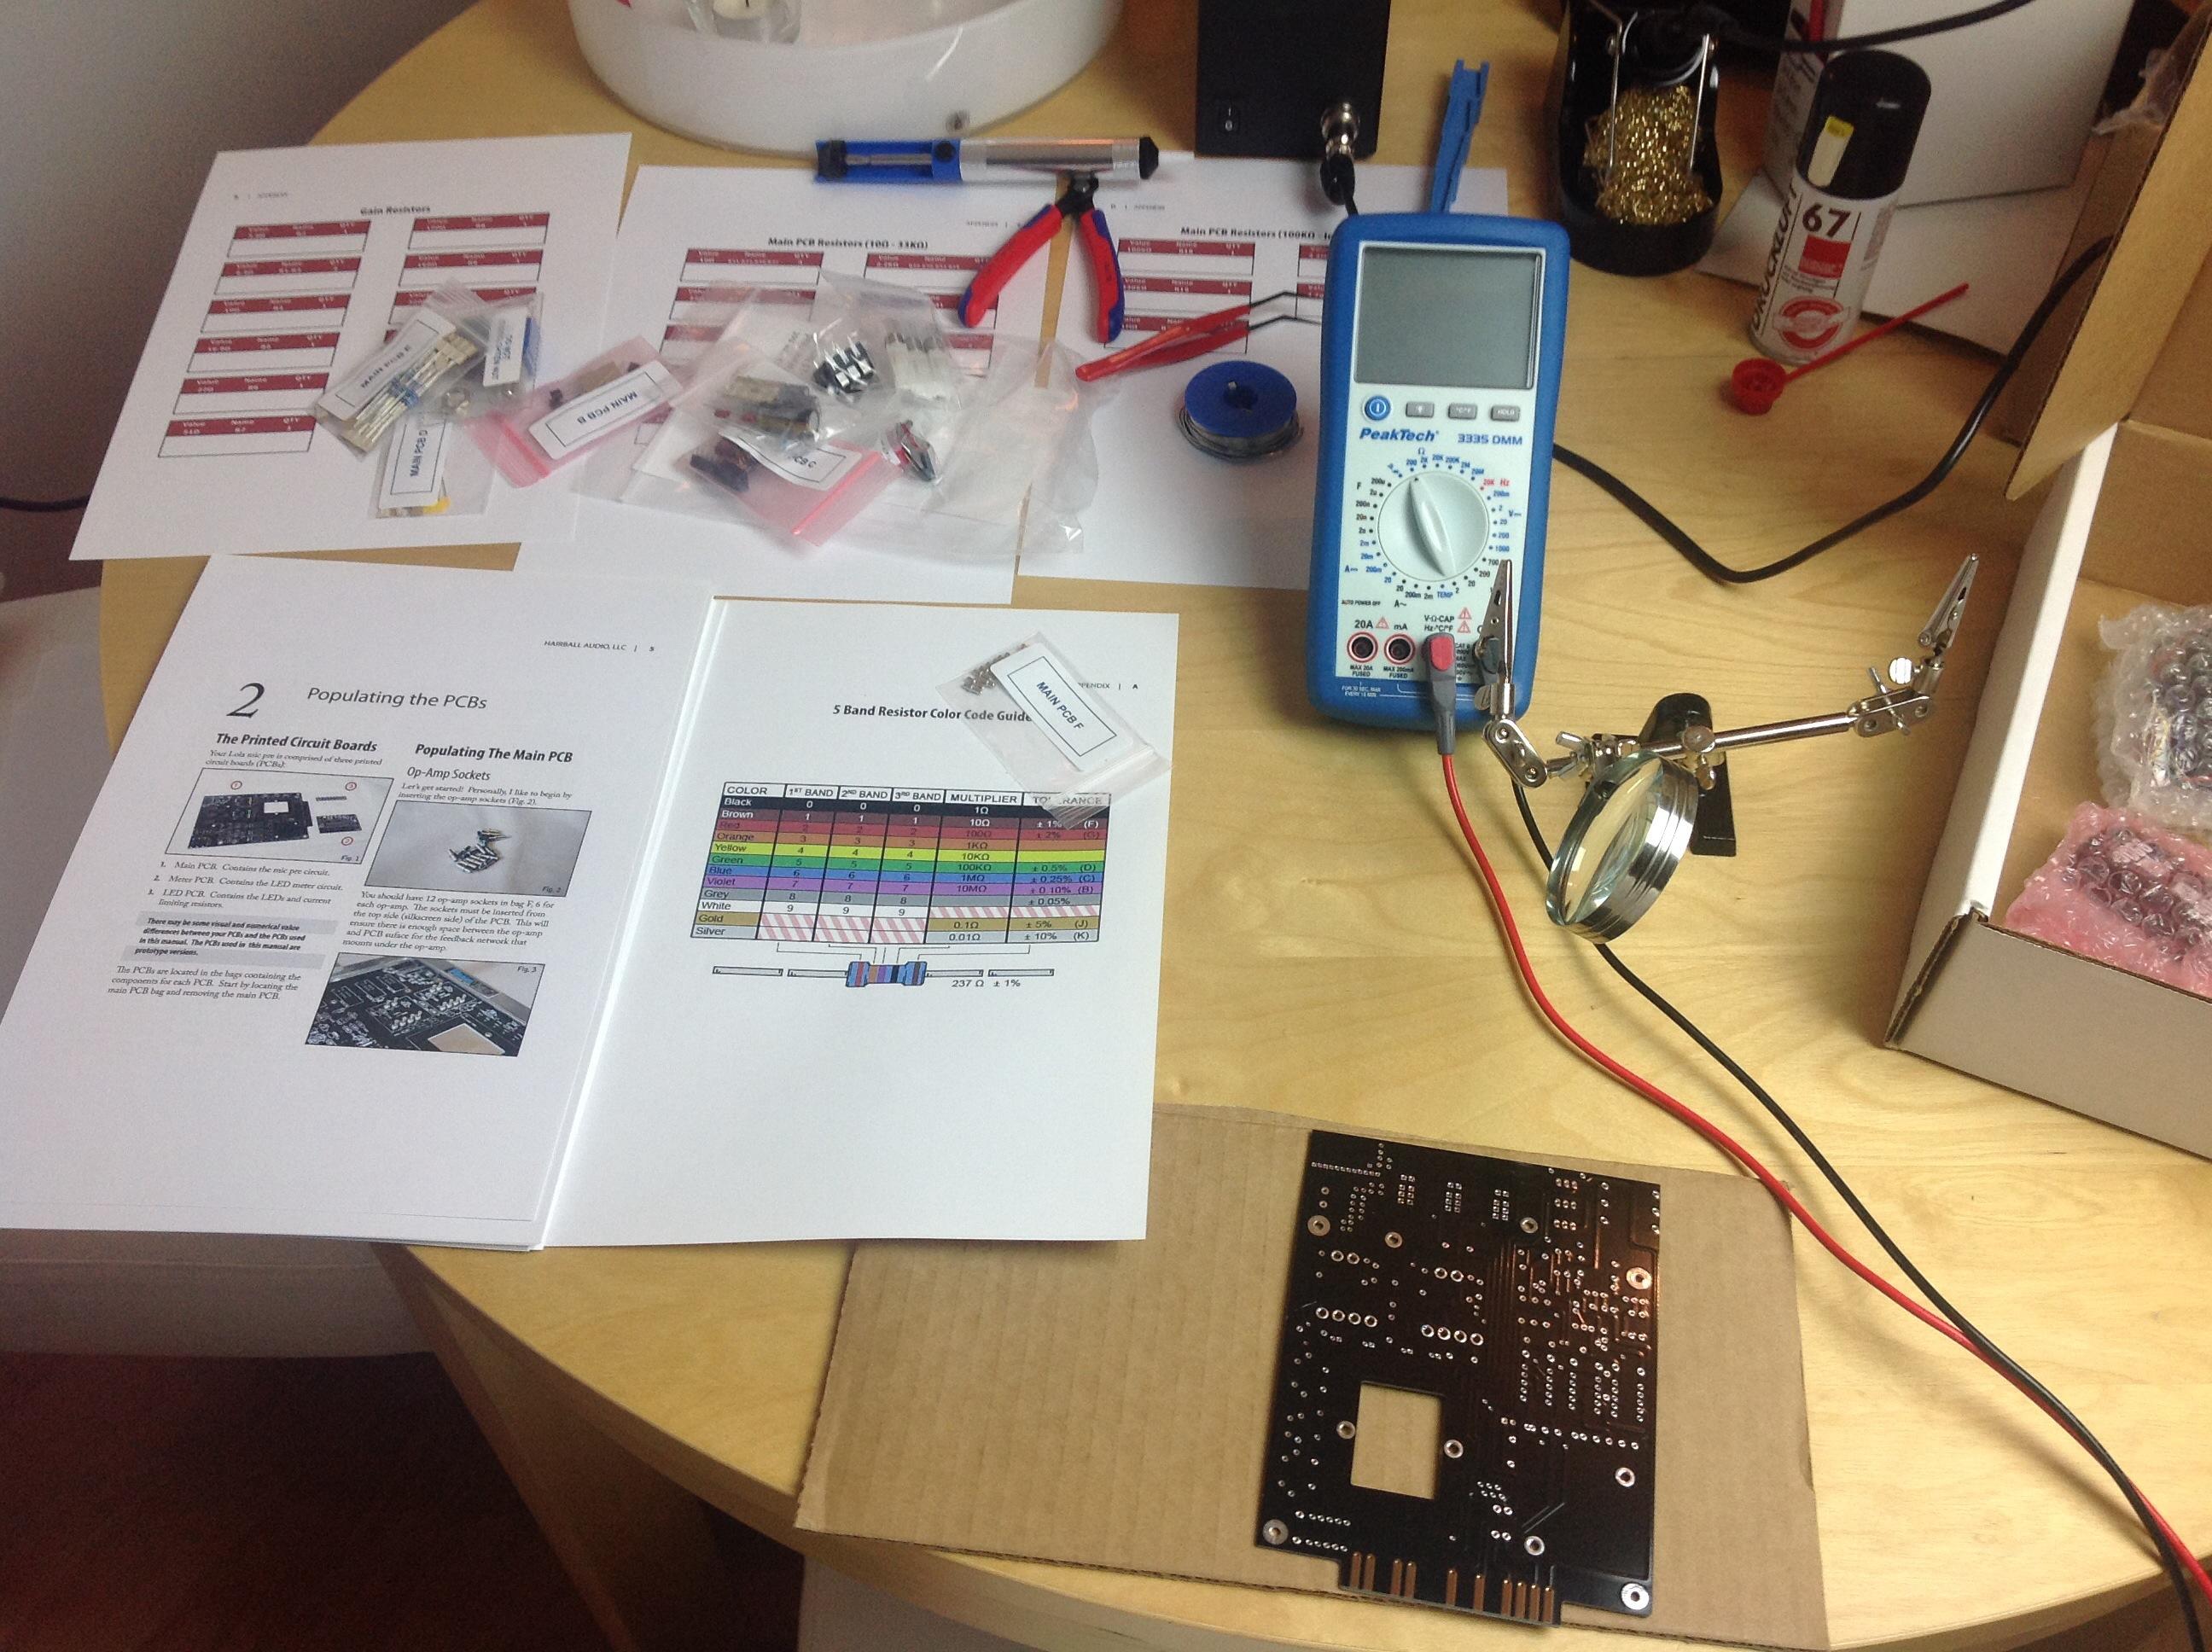 mikrofonpreamp-selbst-bauen-arbeitsplatz-vorbereiten